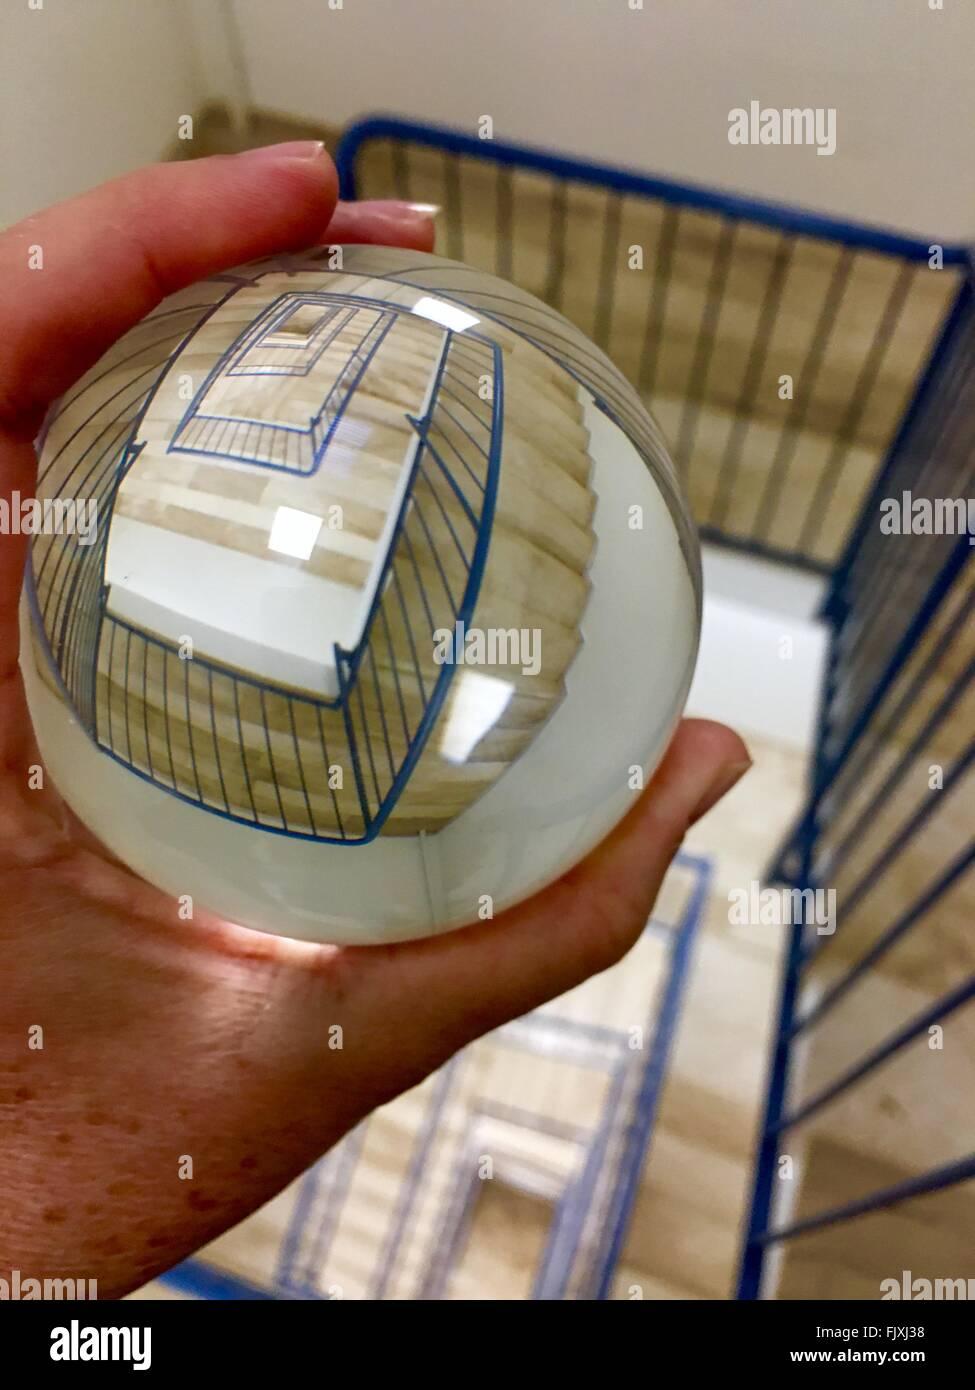 Immagine ritagliata della persona in possesso di palla di cristallo con la riflessione di una scalinata a spirale Immagini Stock